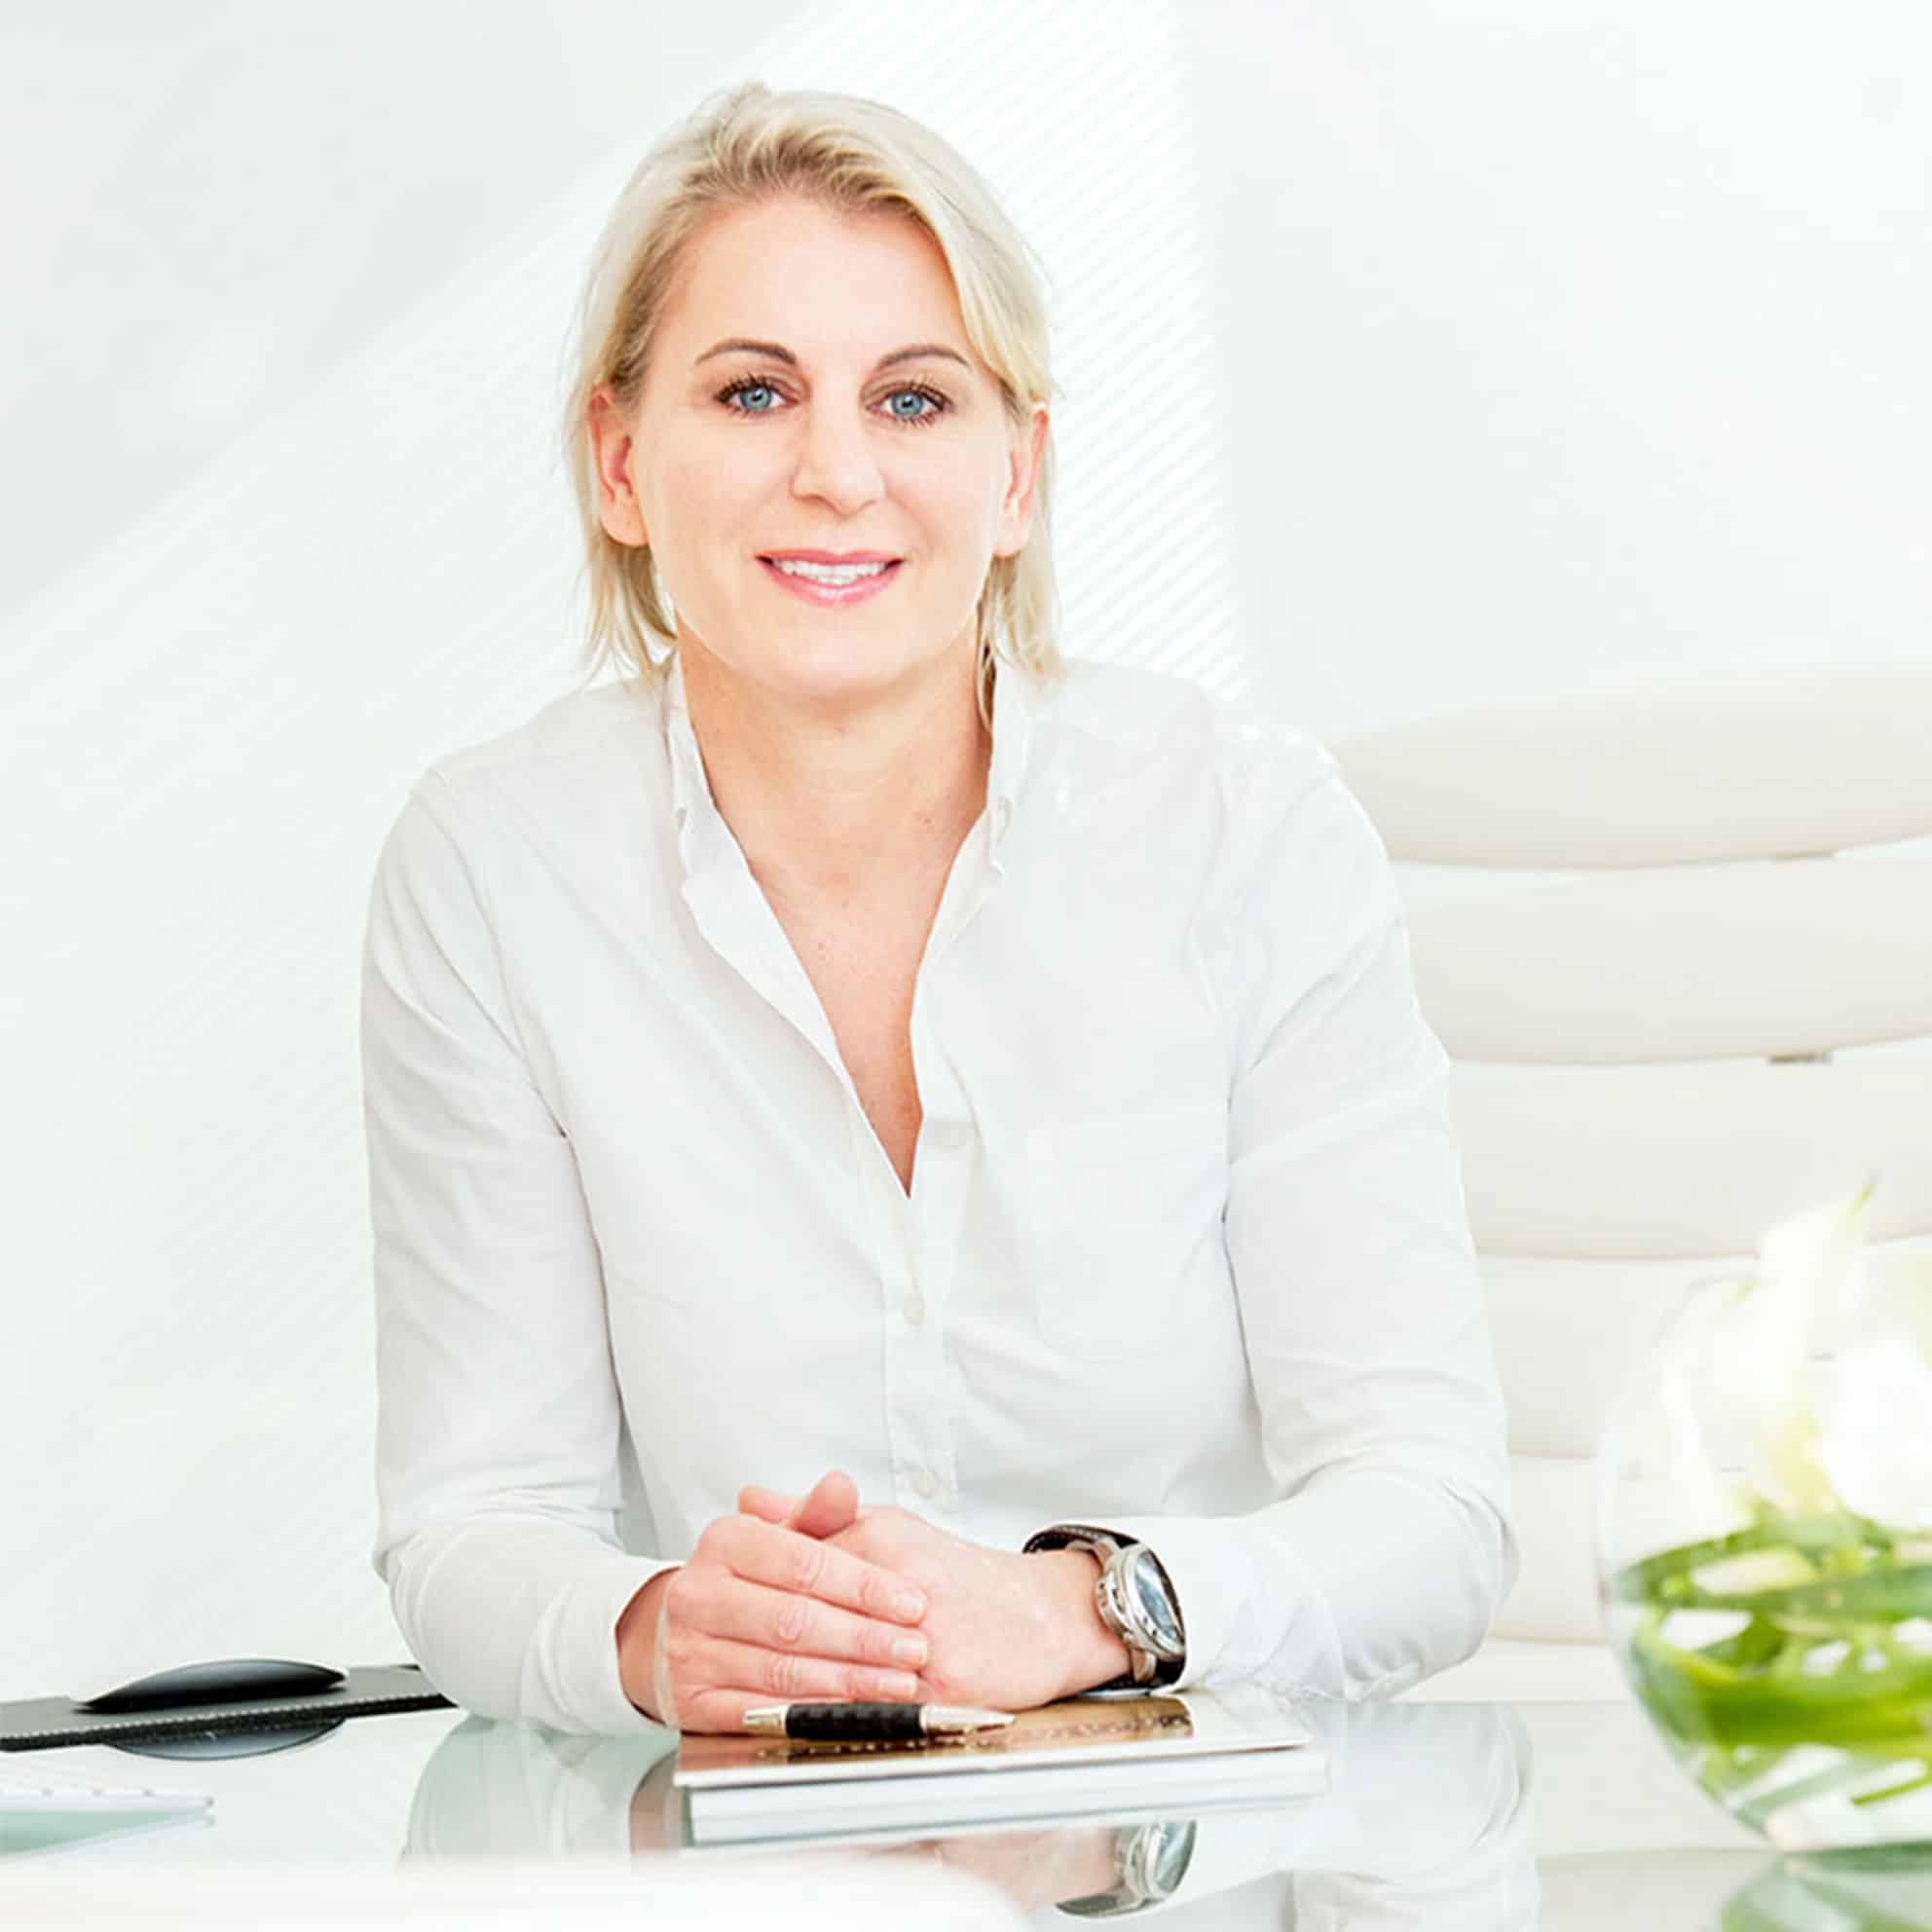 Verkleinerung der kleinen Schamlippen in Hannover bie Dr. med. Katrin Müller